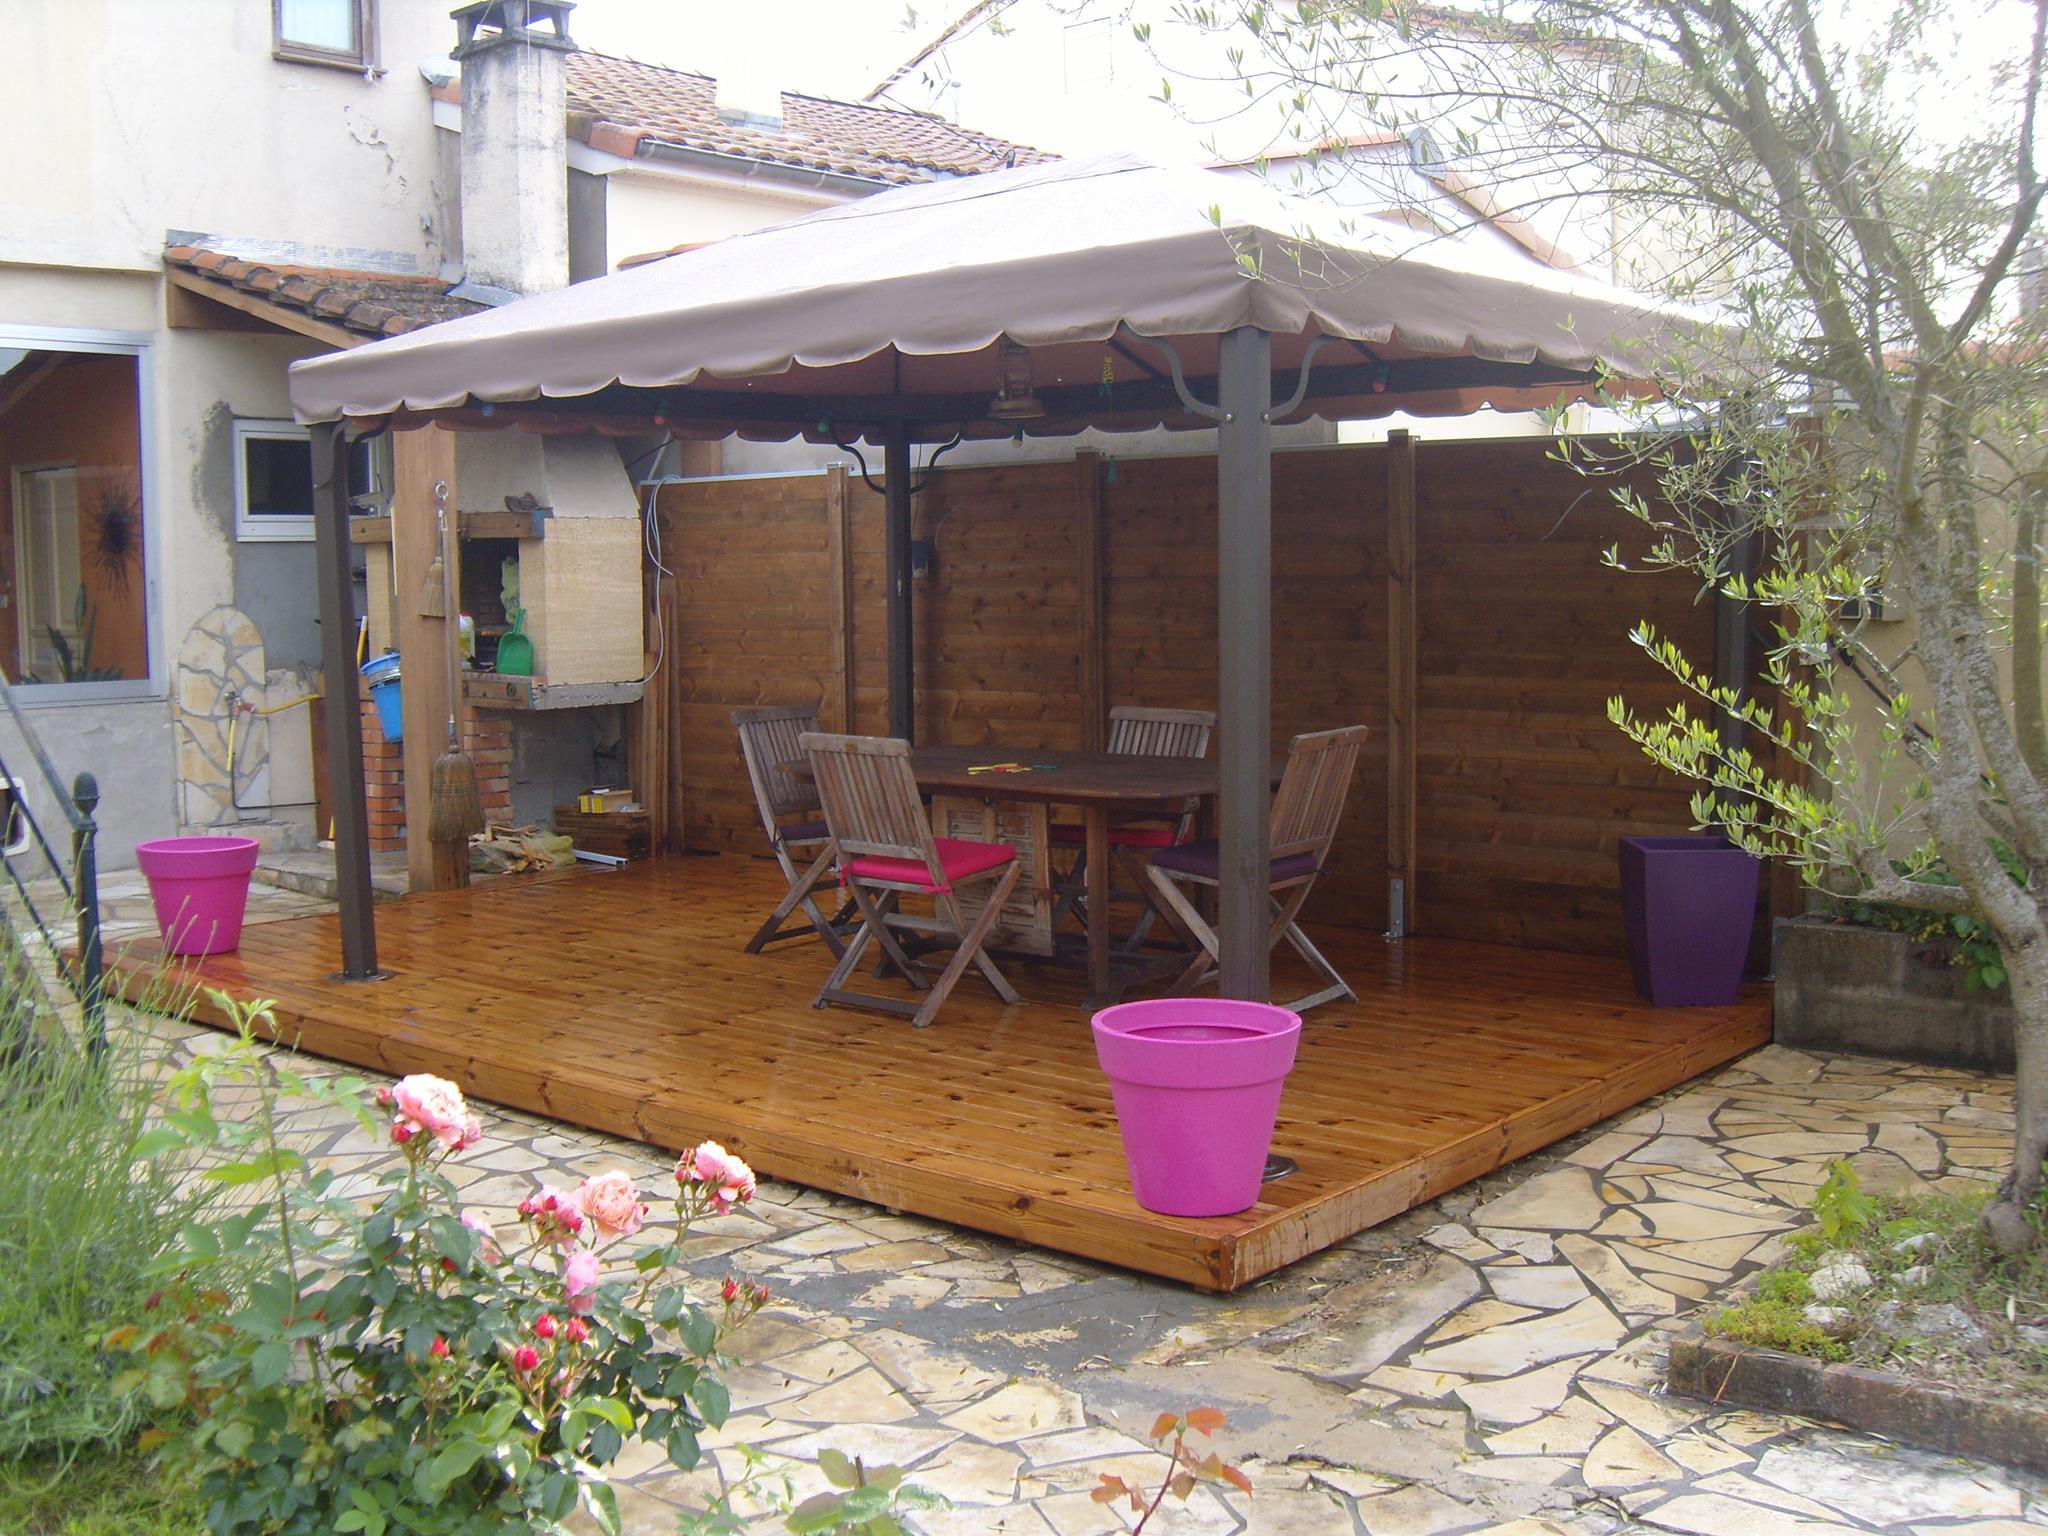 Terrasse Bauen Mit Terrasse Auf Flachdach Bauen Bauen Mit